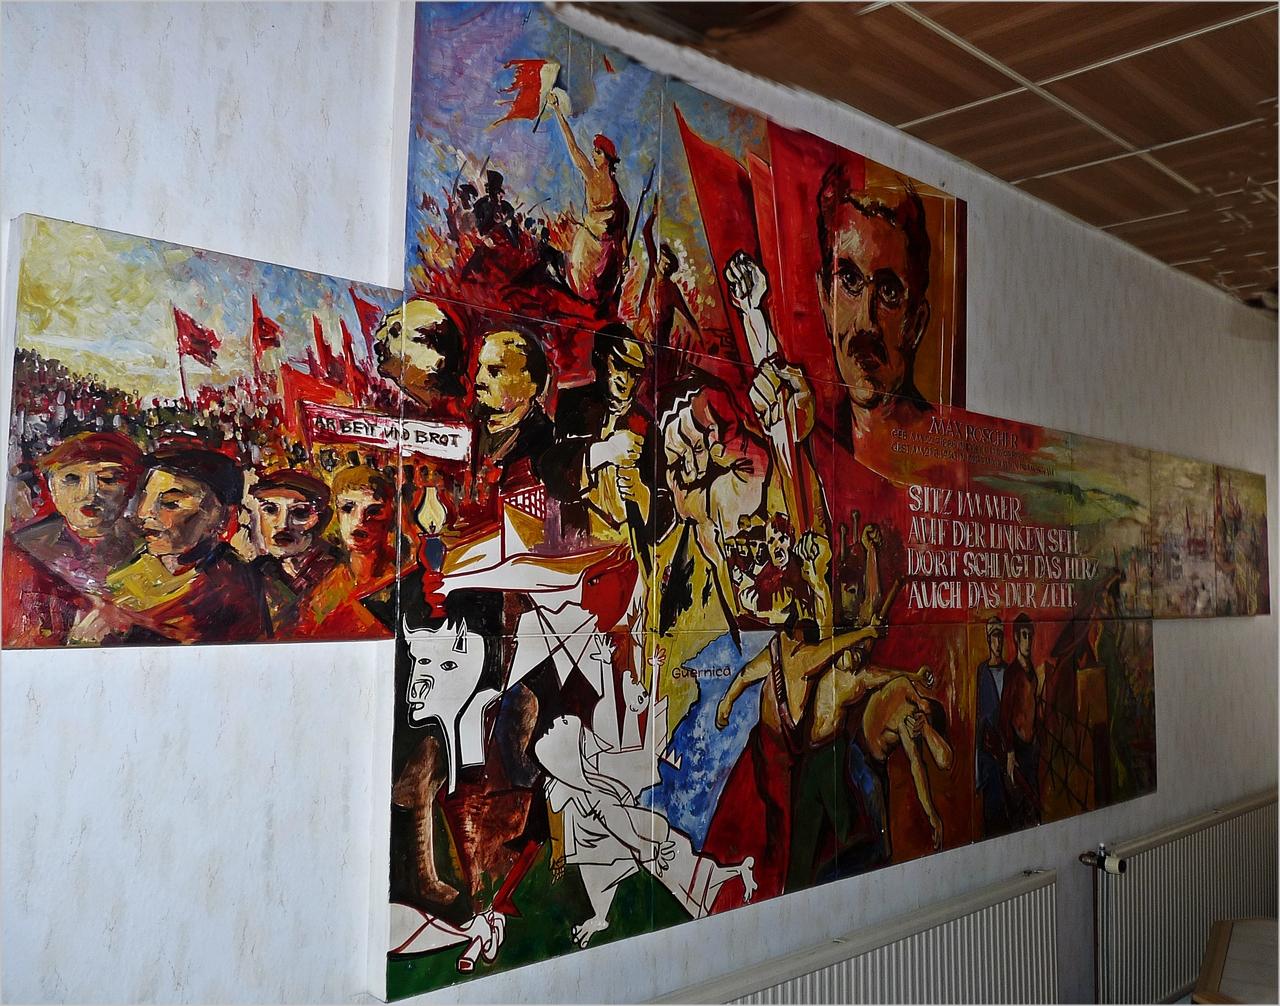 Wandbild aus alten DDR-Zeiten